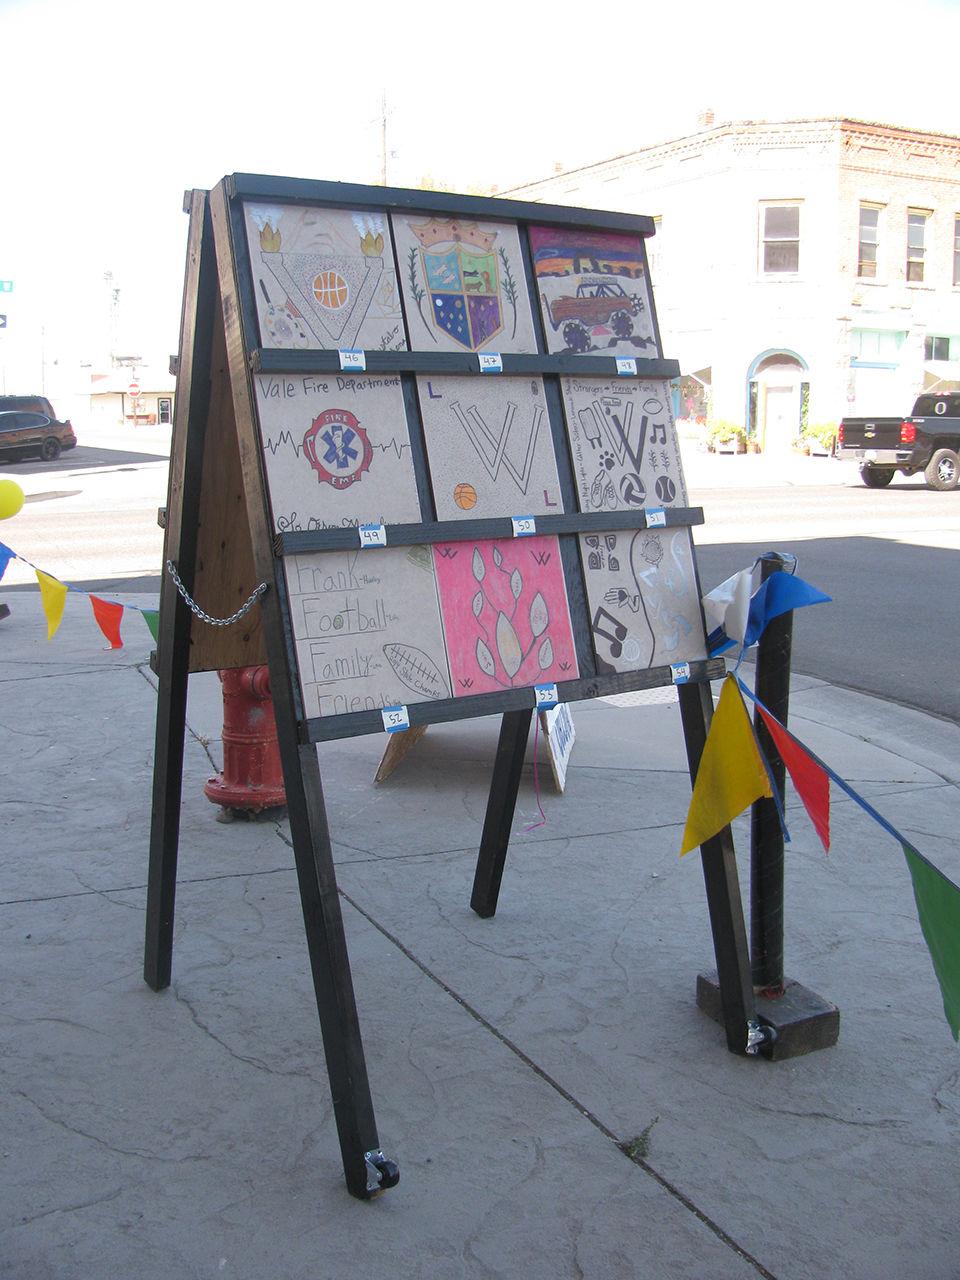 2. Art Beat on Main Street